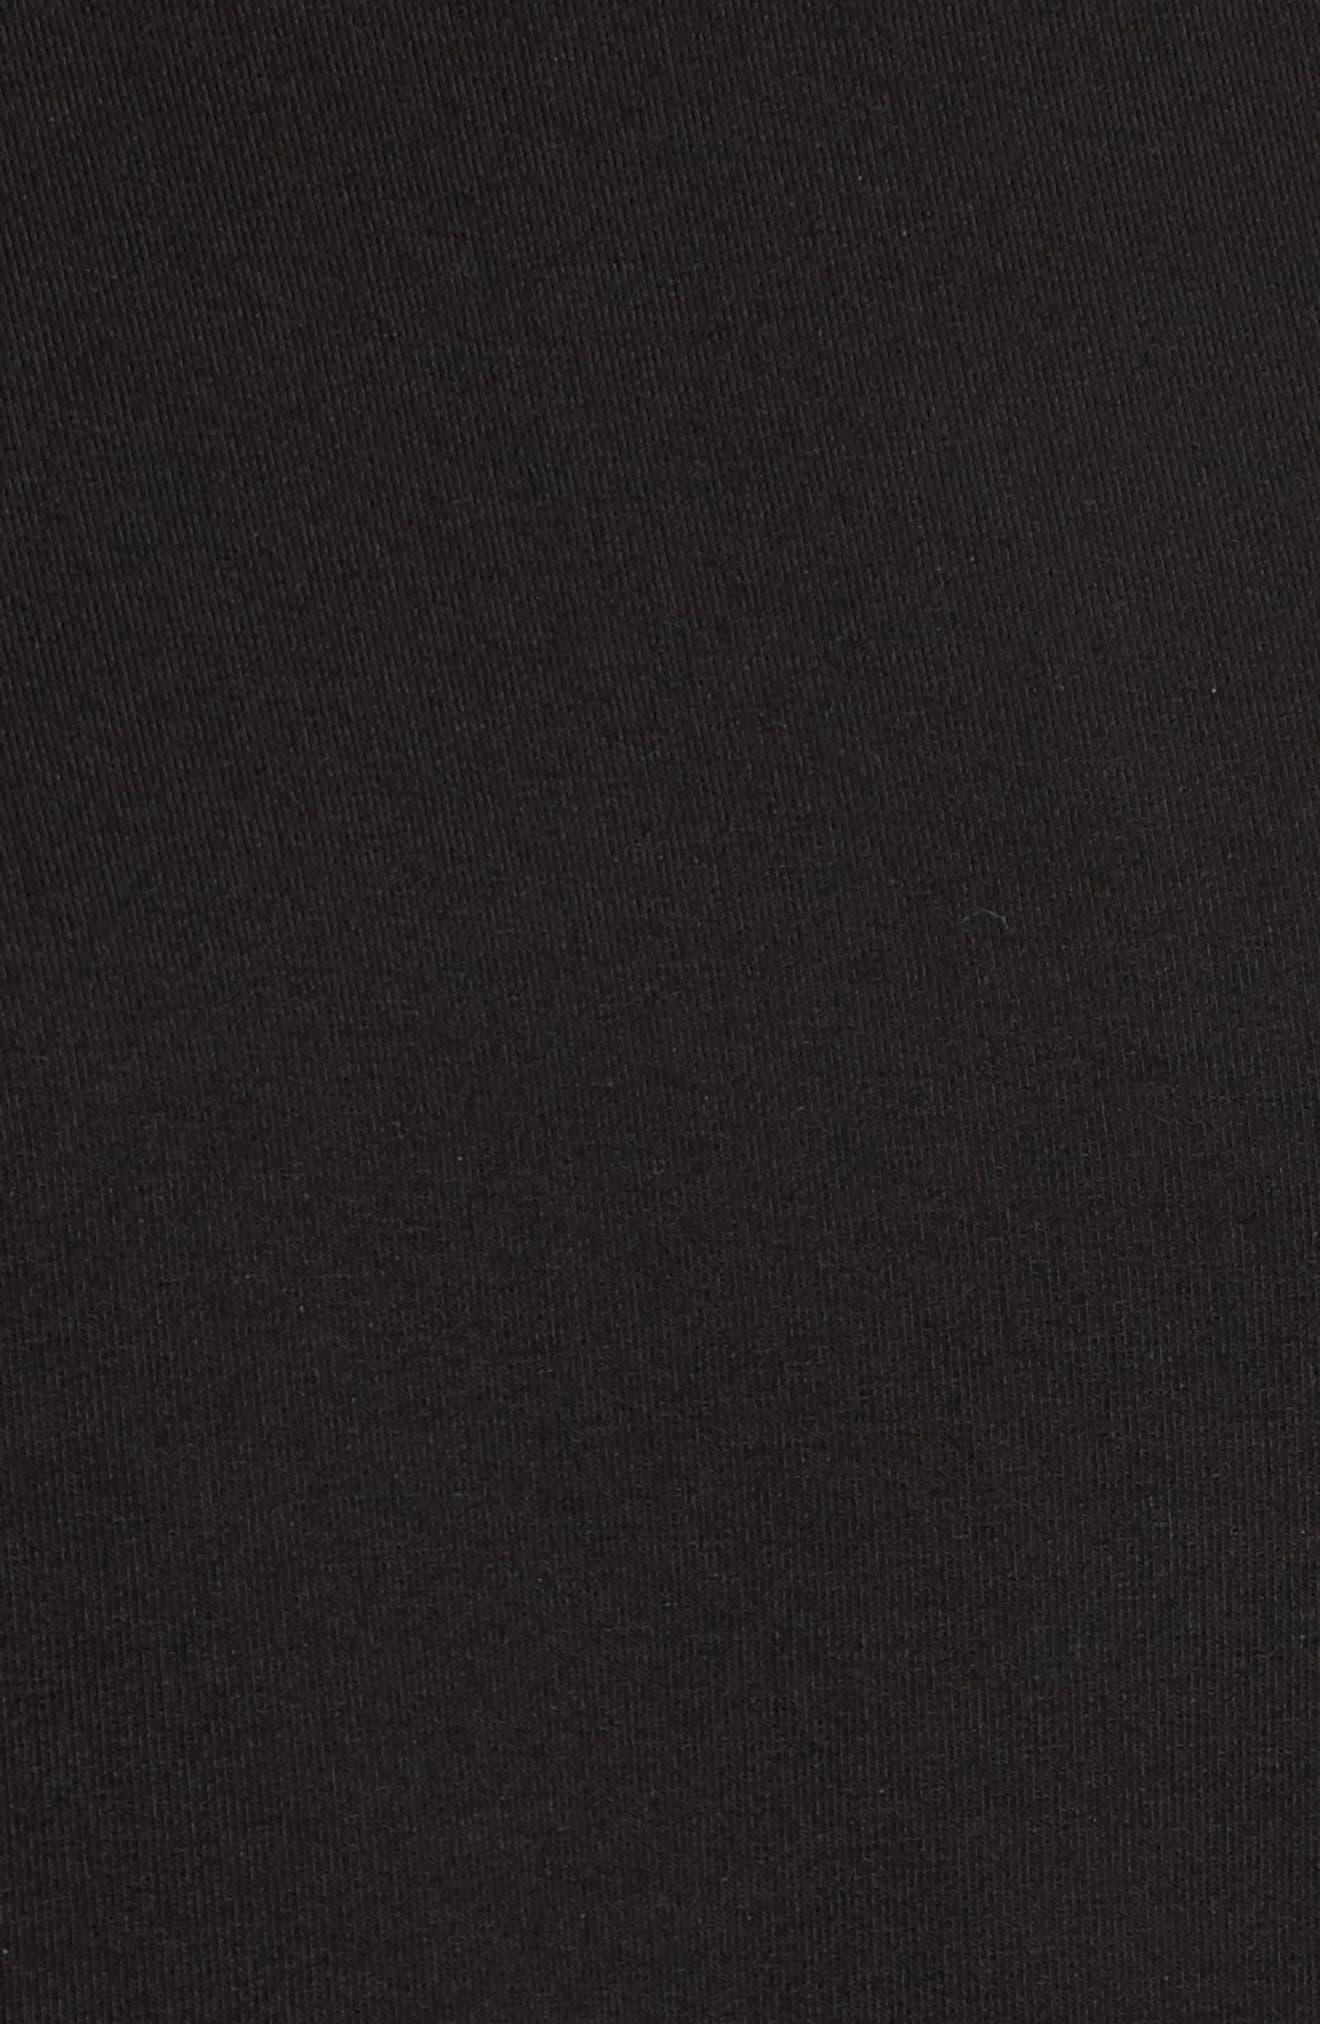 Grommet Tie Sleeve Sweatshirt,                             Alternate thumbnail 5, color,                             Black